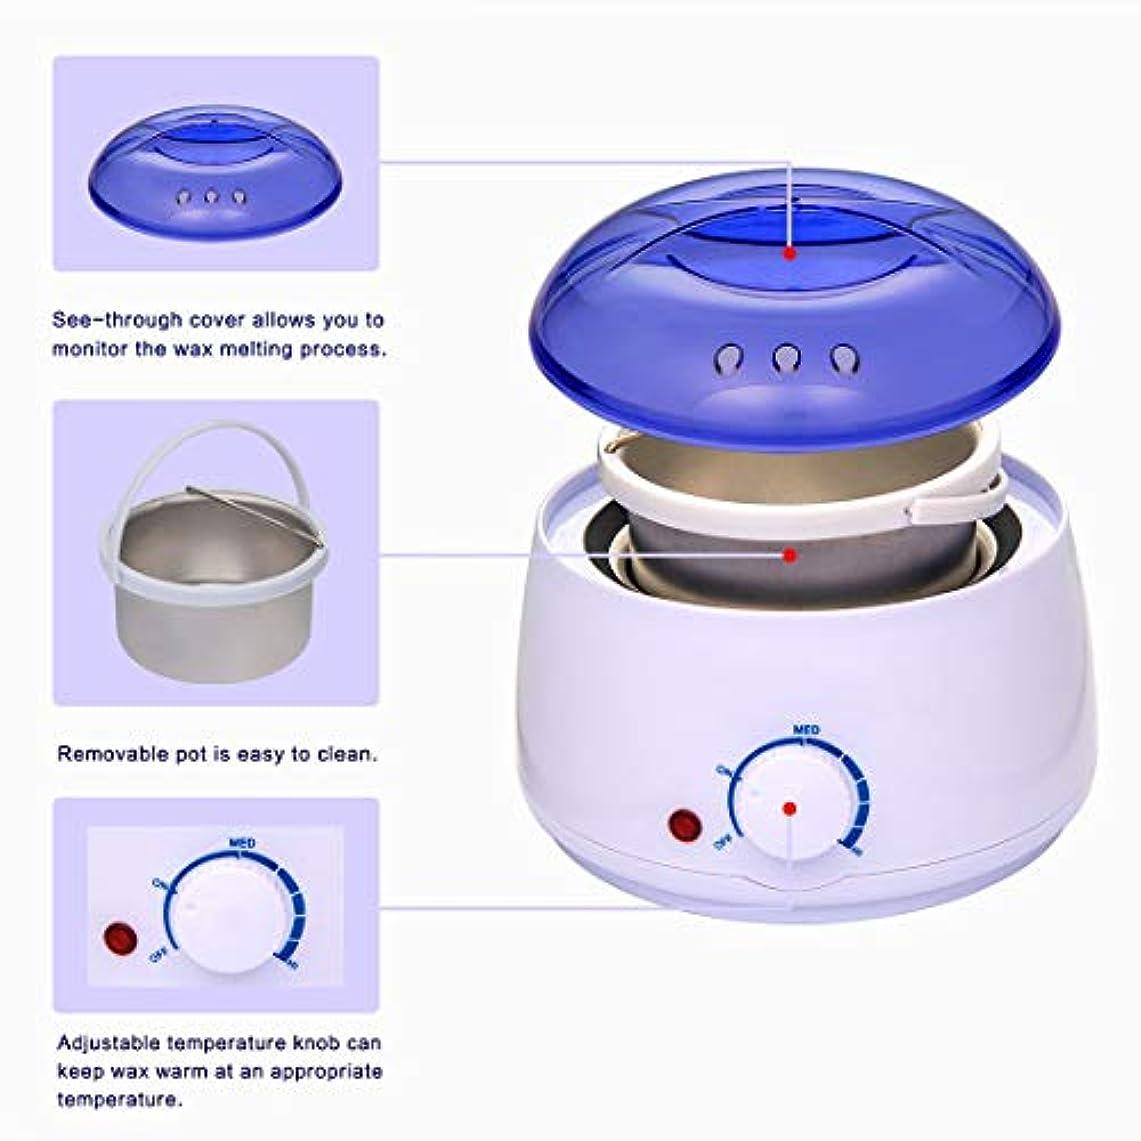 落ち込んでいるフィードバック人類4つのフレーバーハードワックス豆(100G /袋)とワックスウォーマー、ワックスヒーター、脱毛ワックスがけキットエレクトリックワックス暖房機の温度調節可能なワックスメルター、